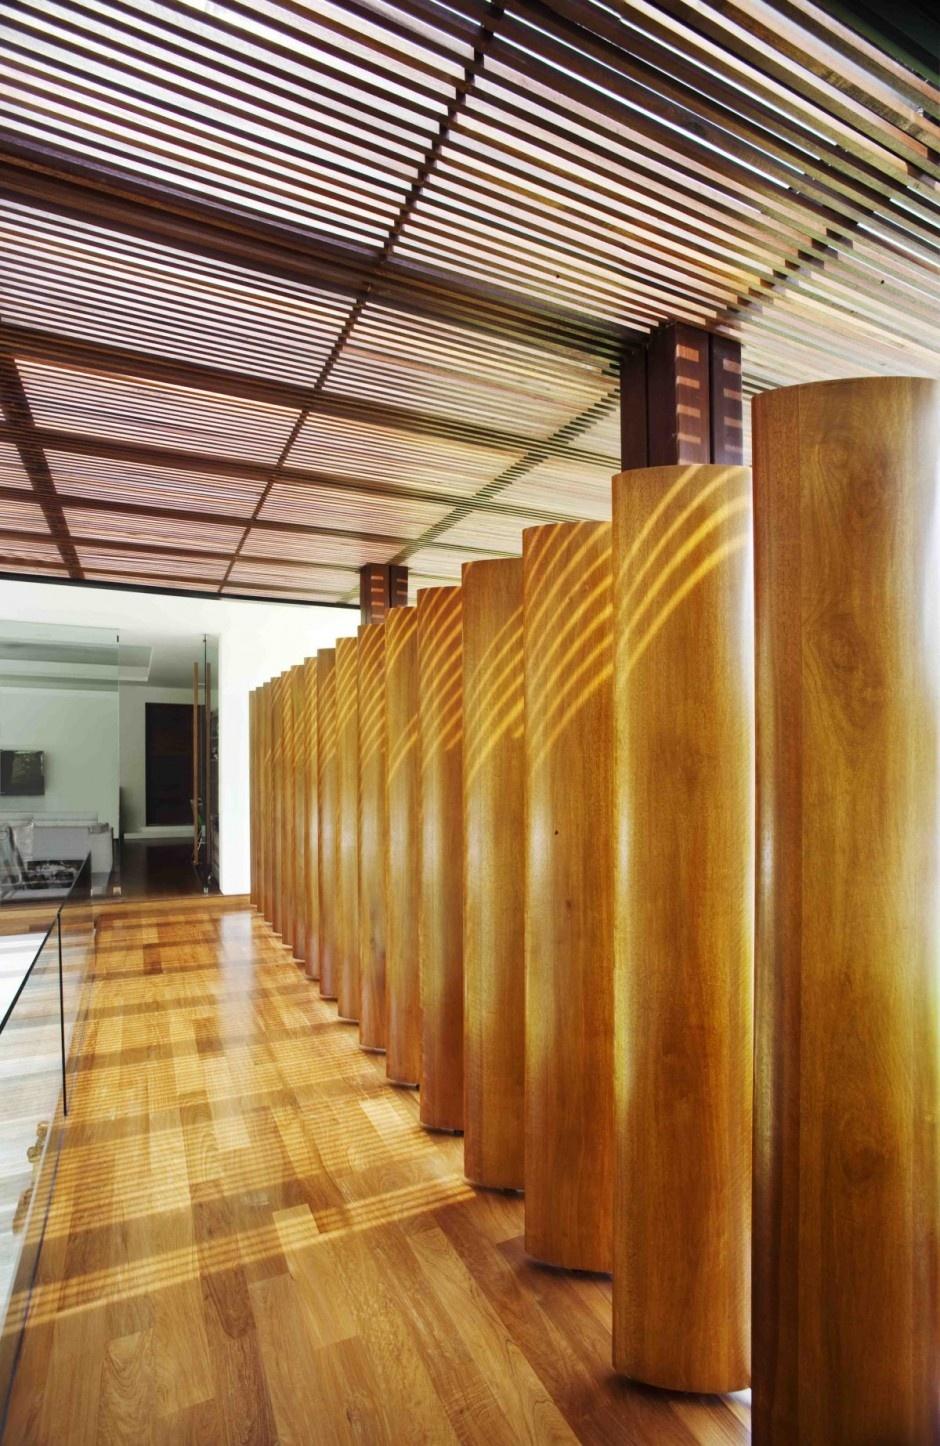 Konečnú podobu domu vo veľkej miere ovplyvnil hlavne vkus budúceho majiteľa, ktorý je zberateľom umeleckých predmetov a sôch a to ho inšpirovalo, aby bola hlavná konštrukcia domu postavená na hrubých stĺpoch.